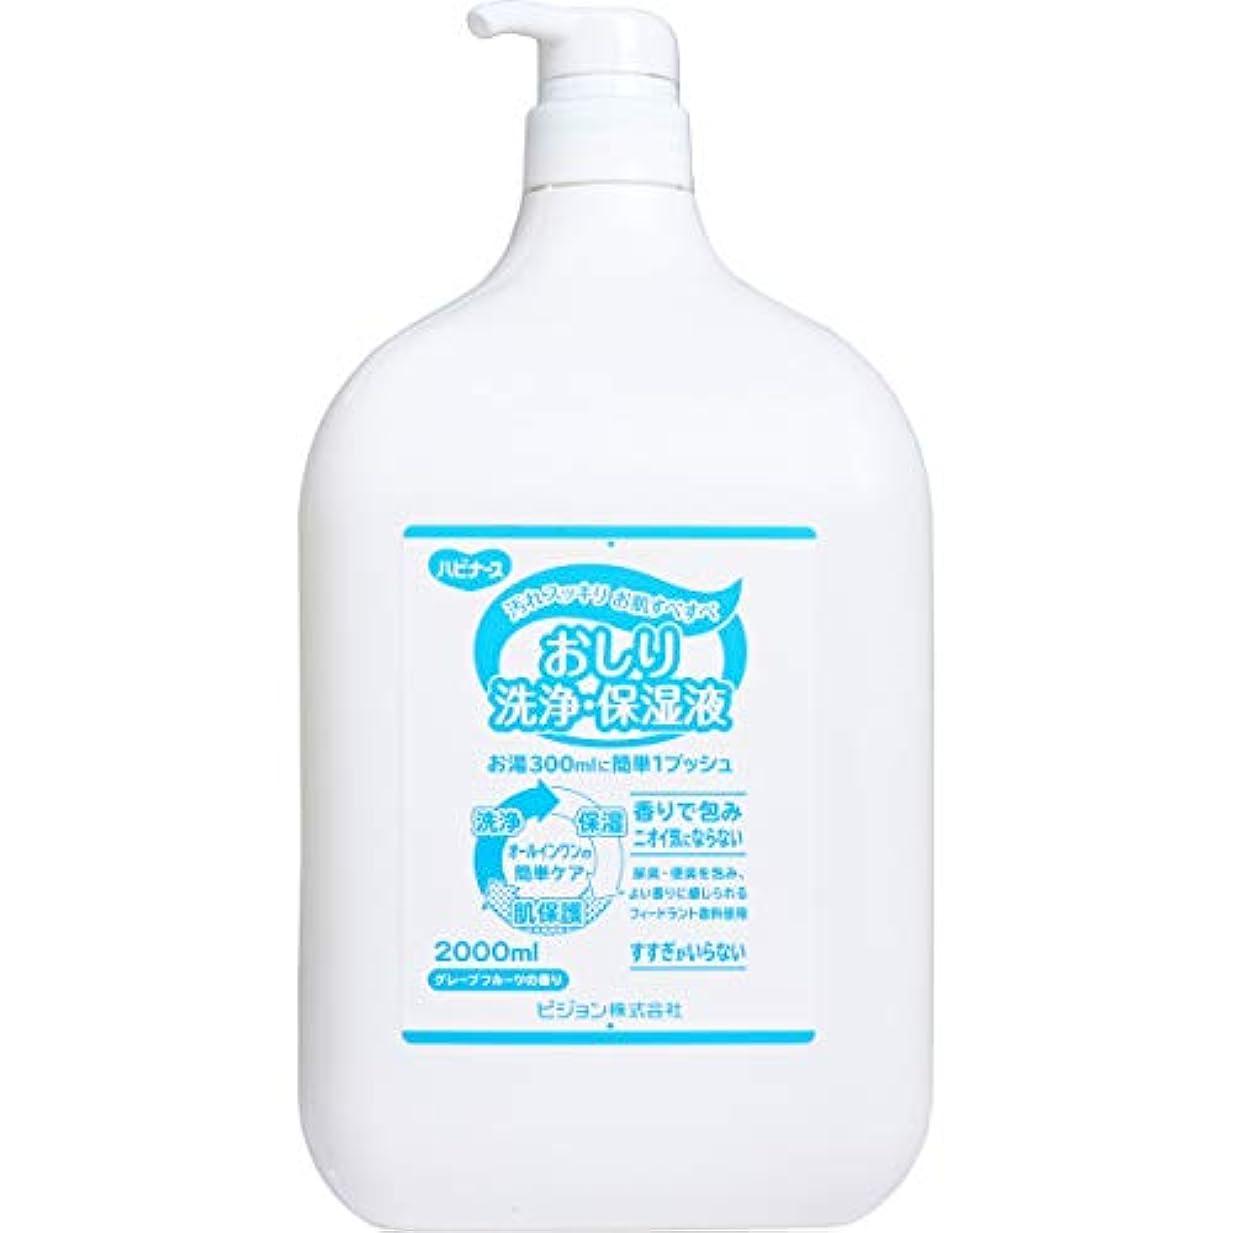 家事をする掃く前投薬ハビナース おしり洗浄?保湿液 グレープフルーツの香り 2000mL 洗浄?保湿?肌保護 オールインワンの簡単ケア!